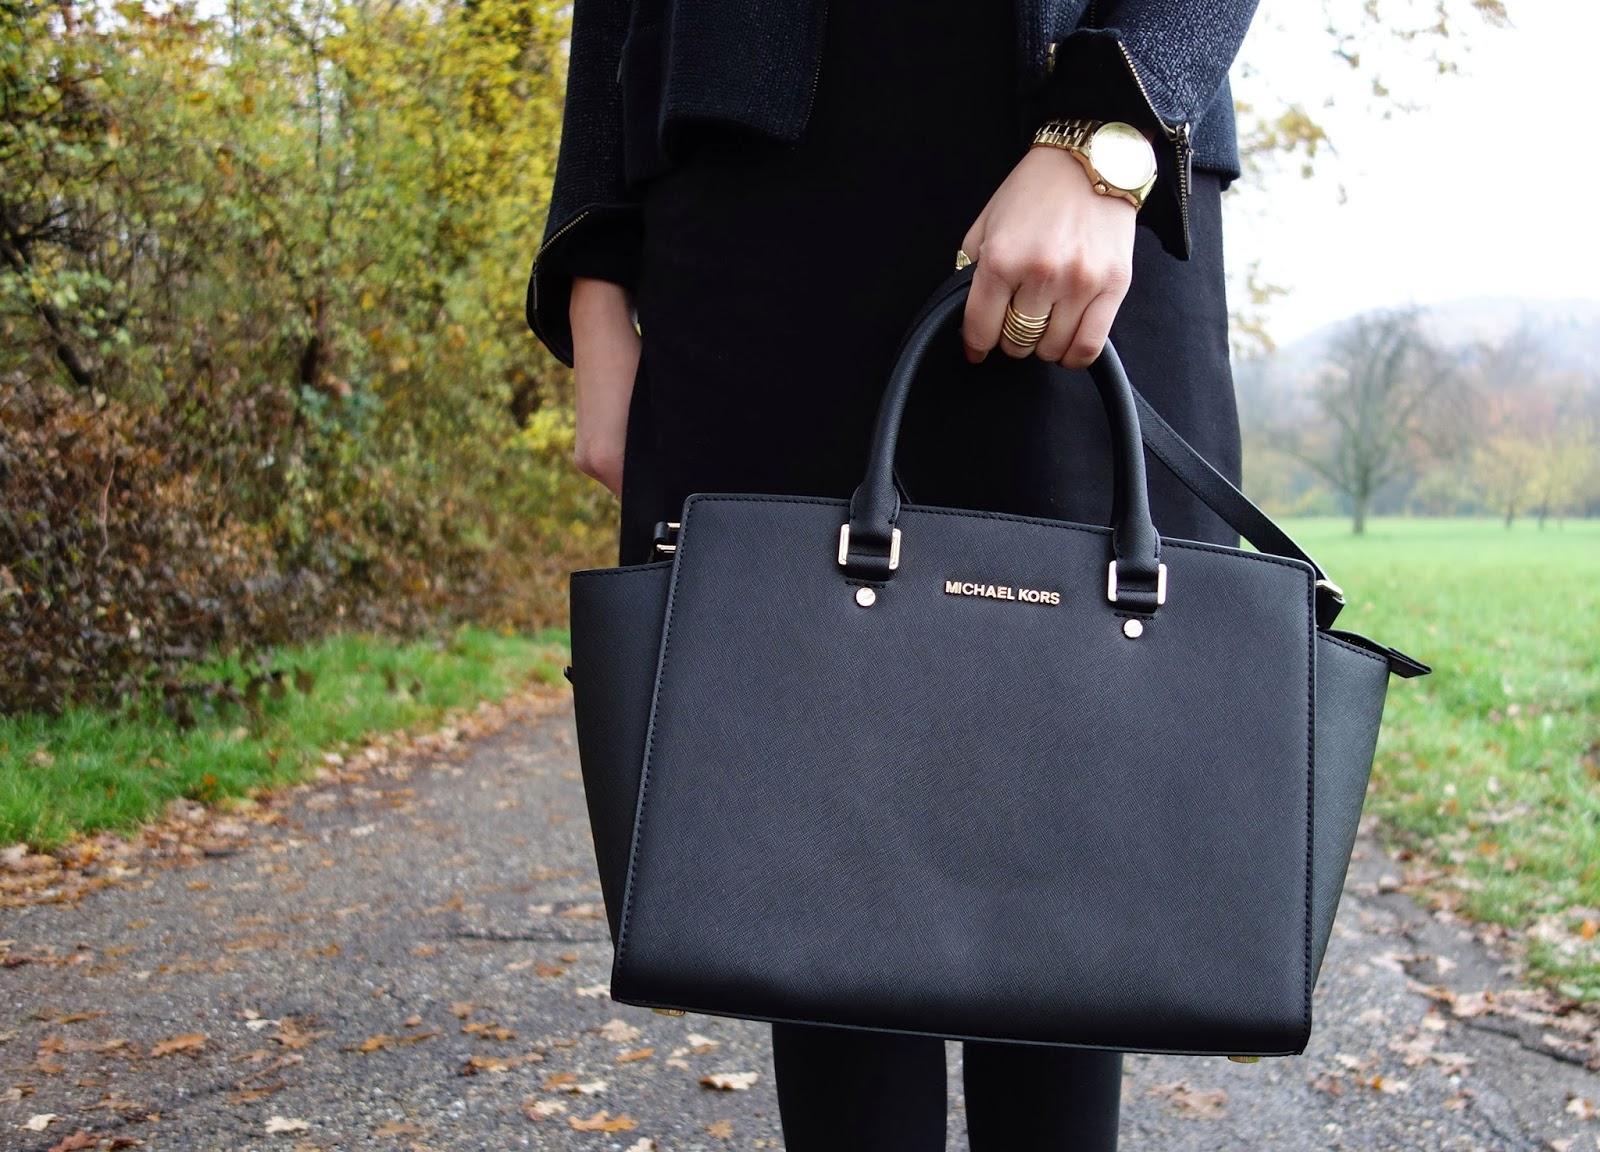 wo gibt es online eine hnliche handtasche wie die von michael kors. Black Bedroom Furniture Sets. Home Design Ideas